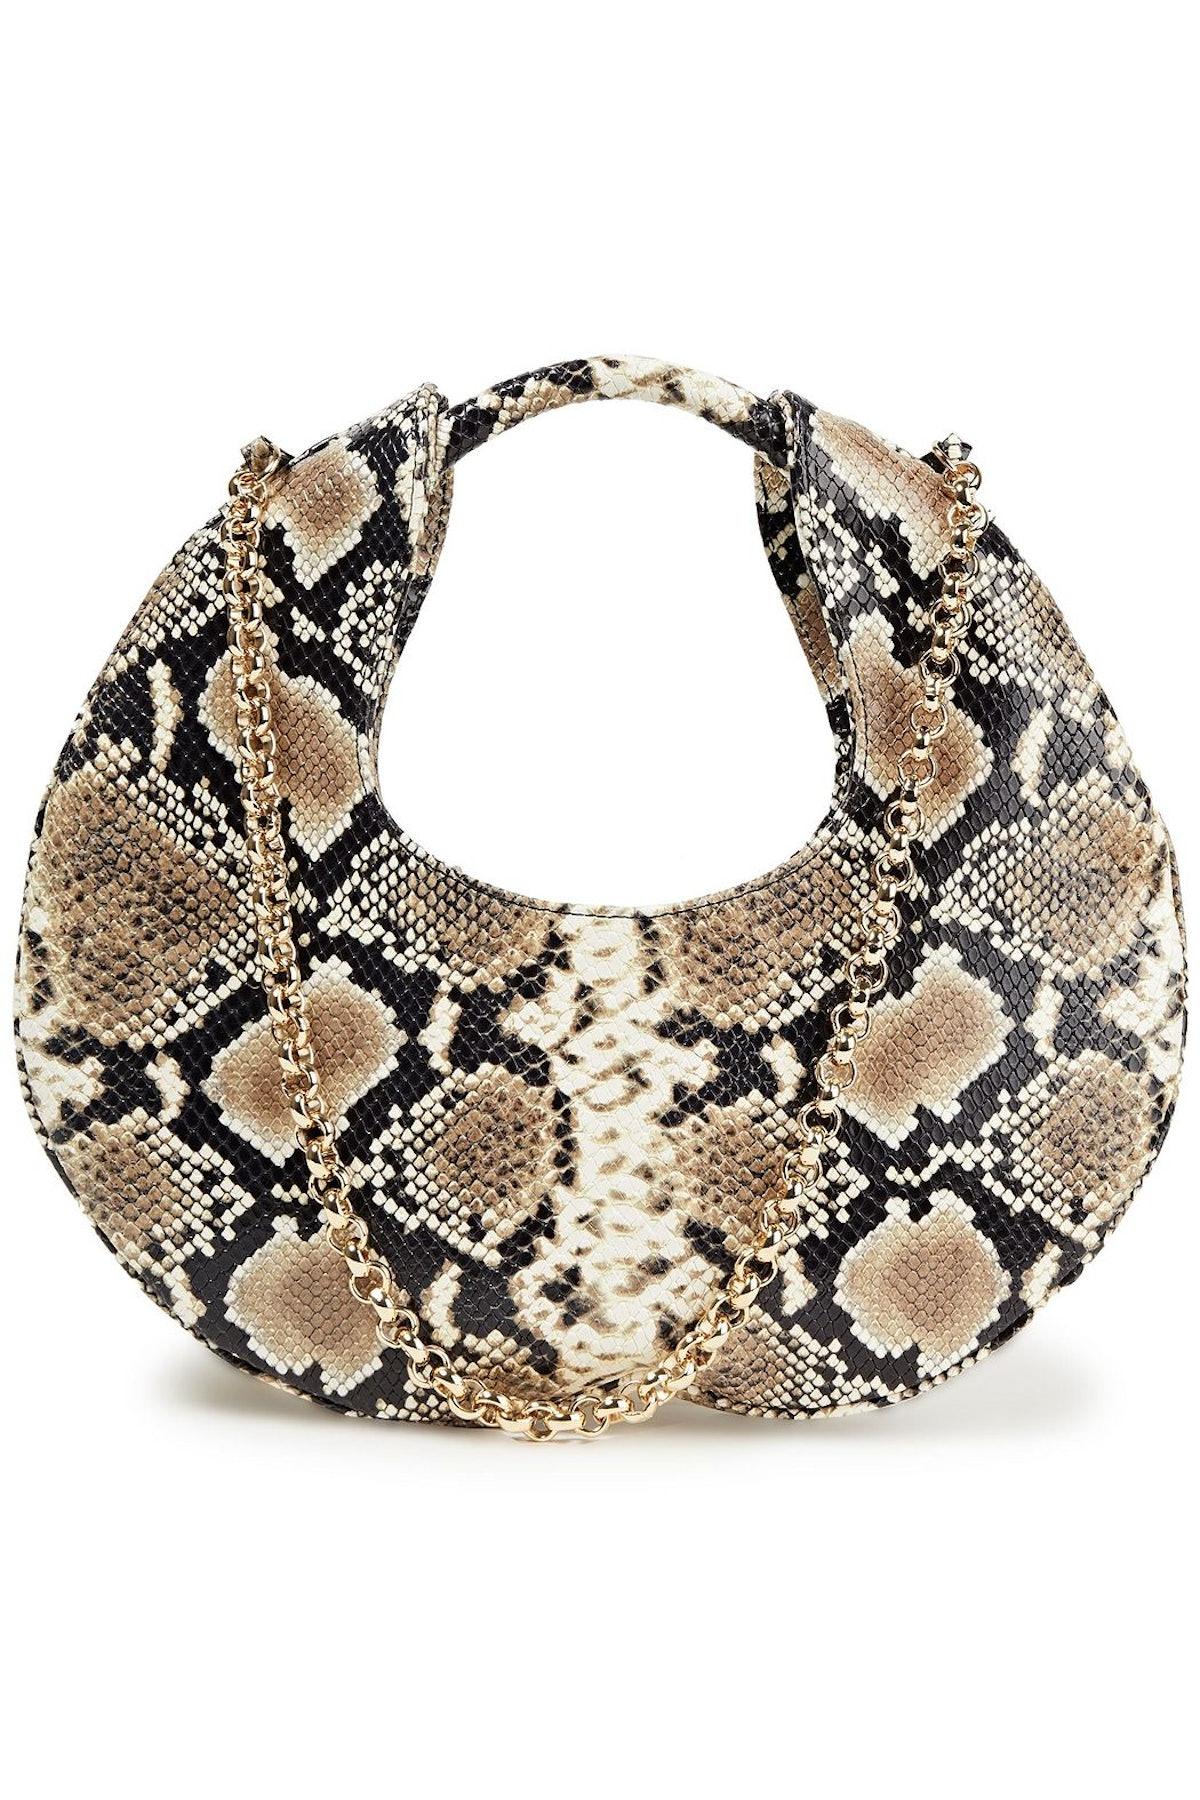 BY FAR Lune Snake-Effect Leather Shoulder Bag